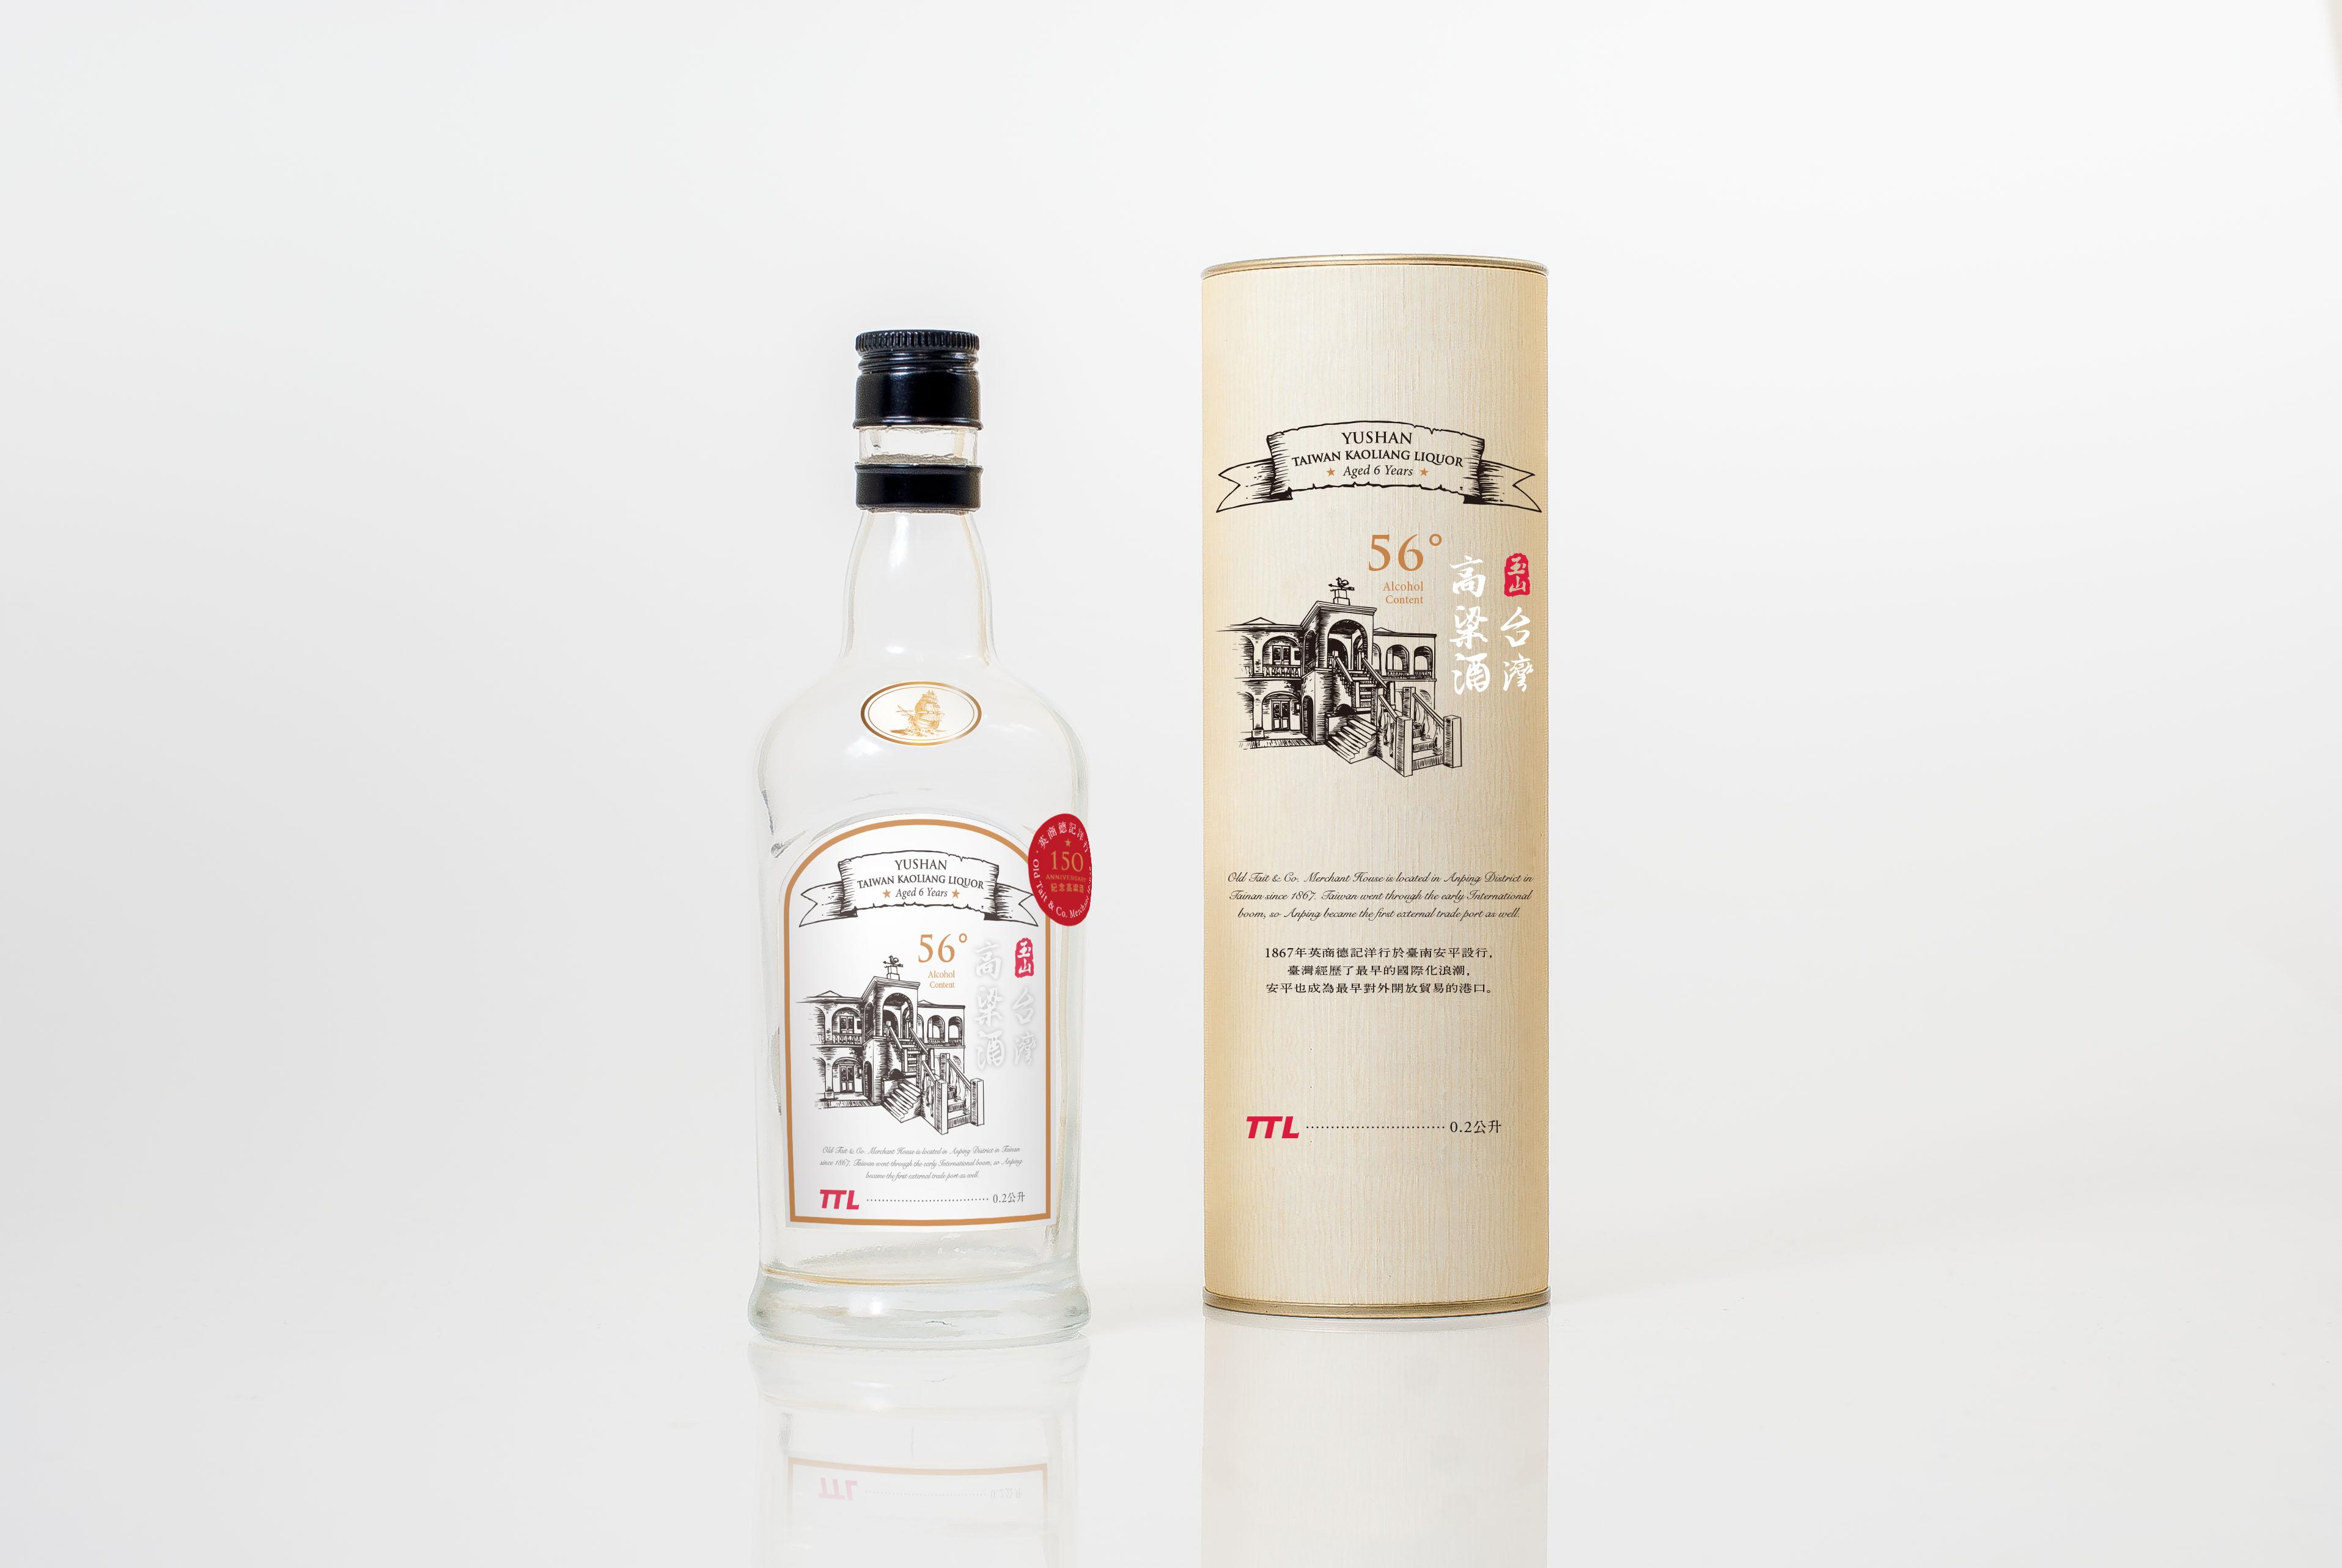 德記洋行&安平樹屋150周年酒瓶 彩稿設計